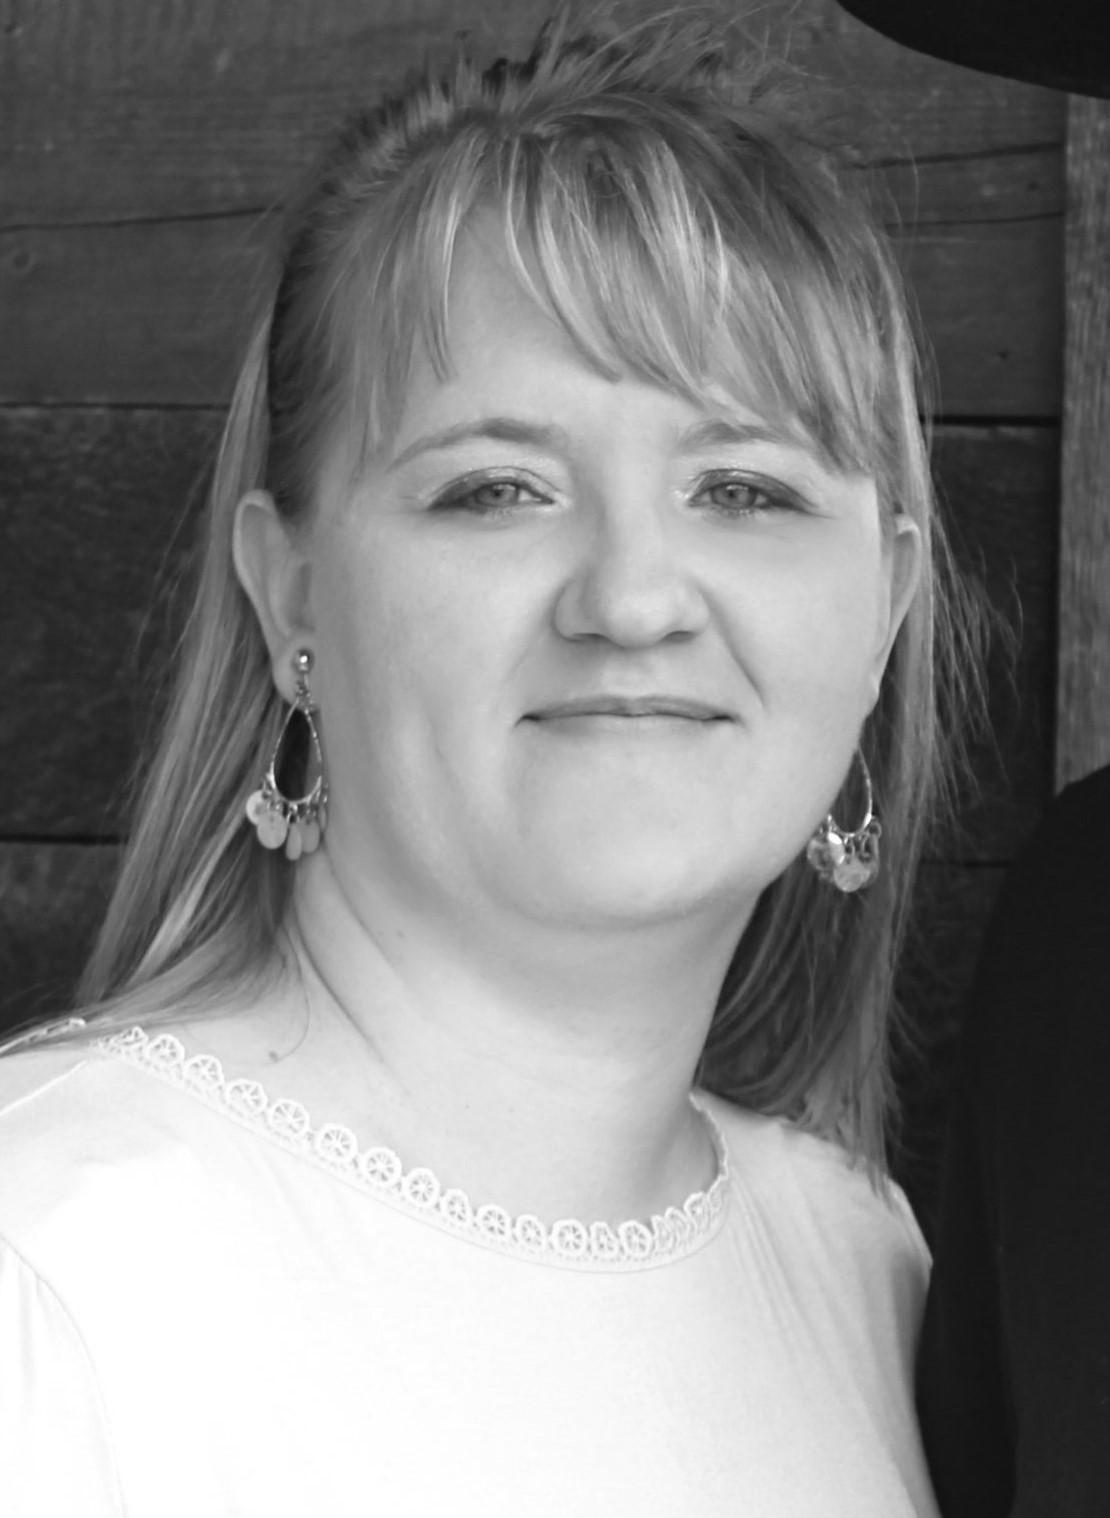 Teri Harshberger